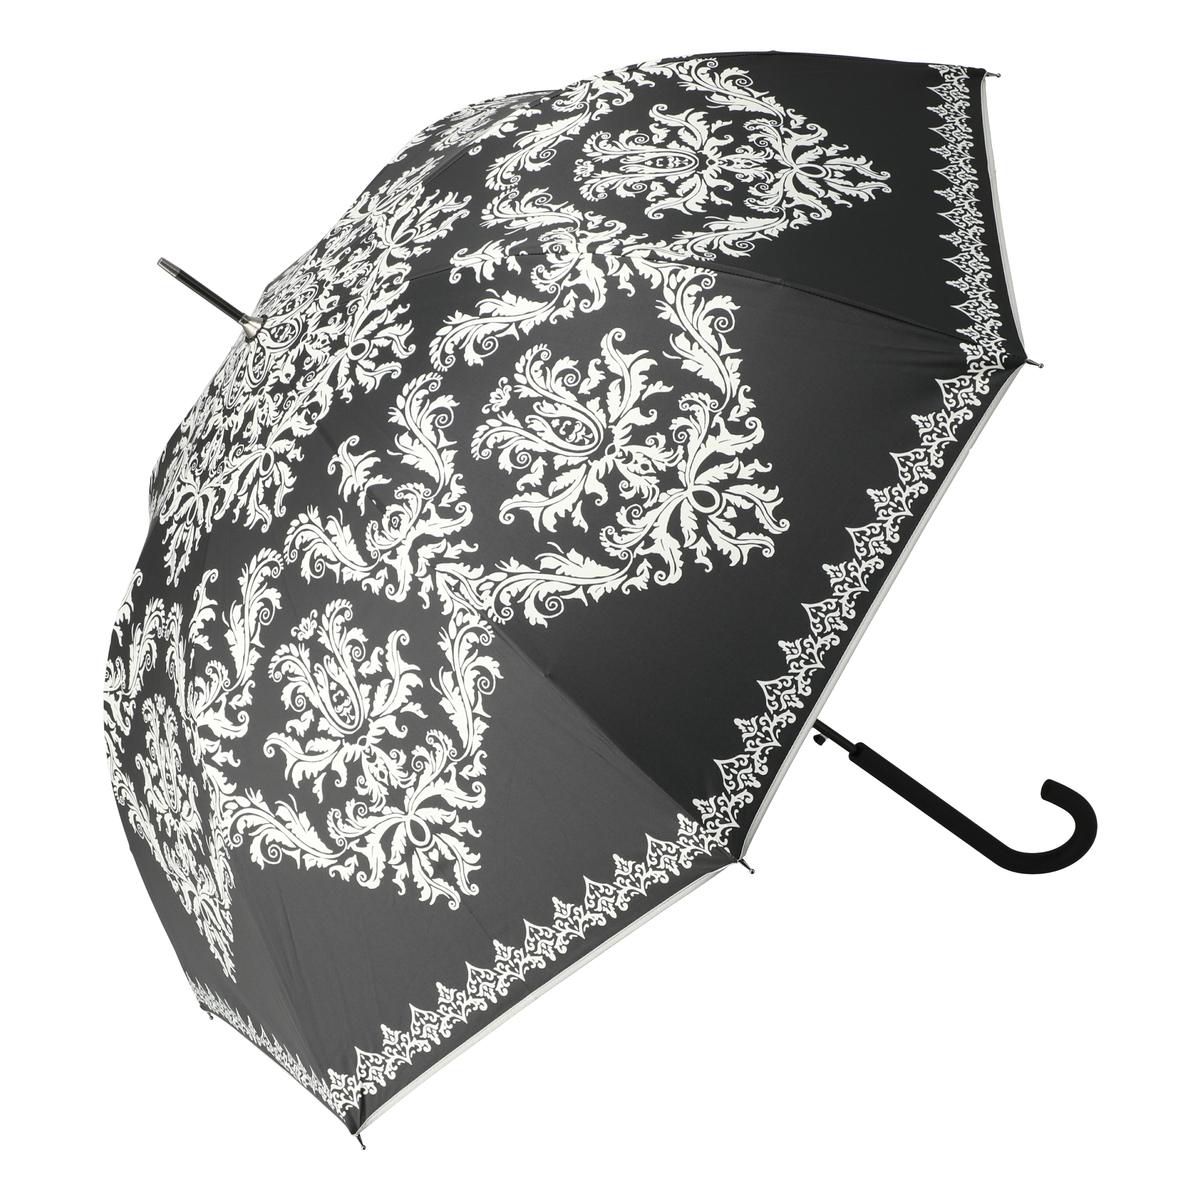 ルナジュメール UV+1級遮光+晴雨兼用 ダマスク柄長傘